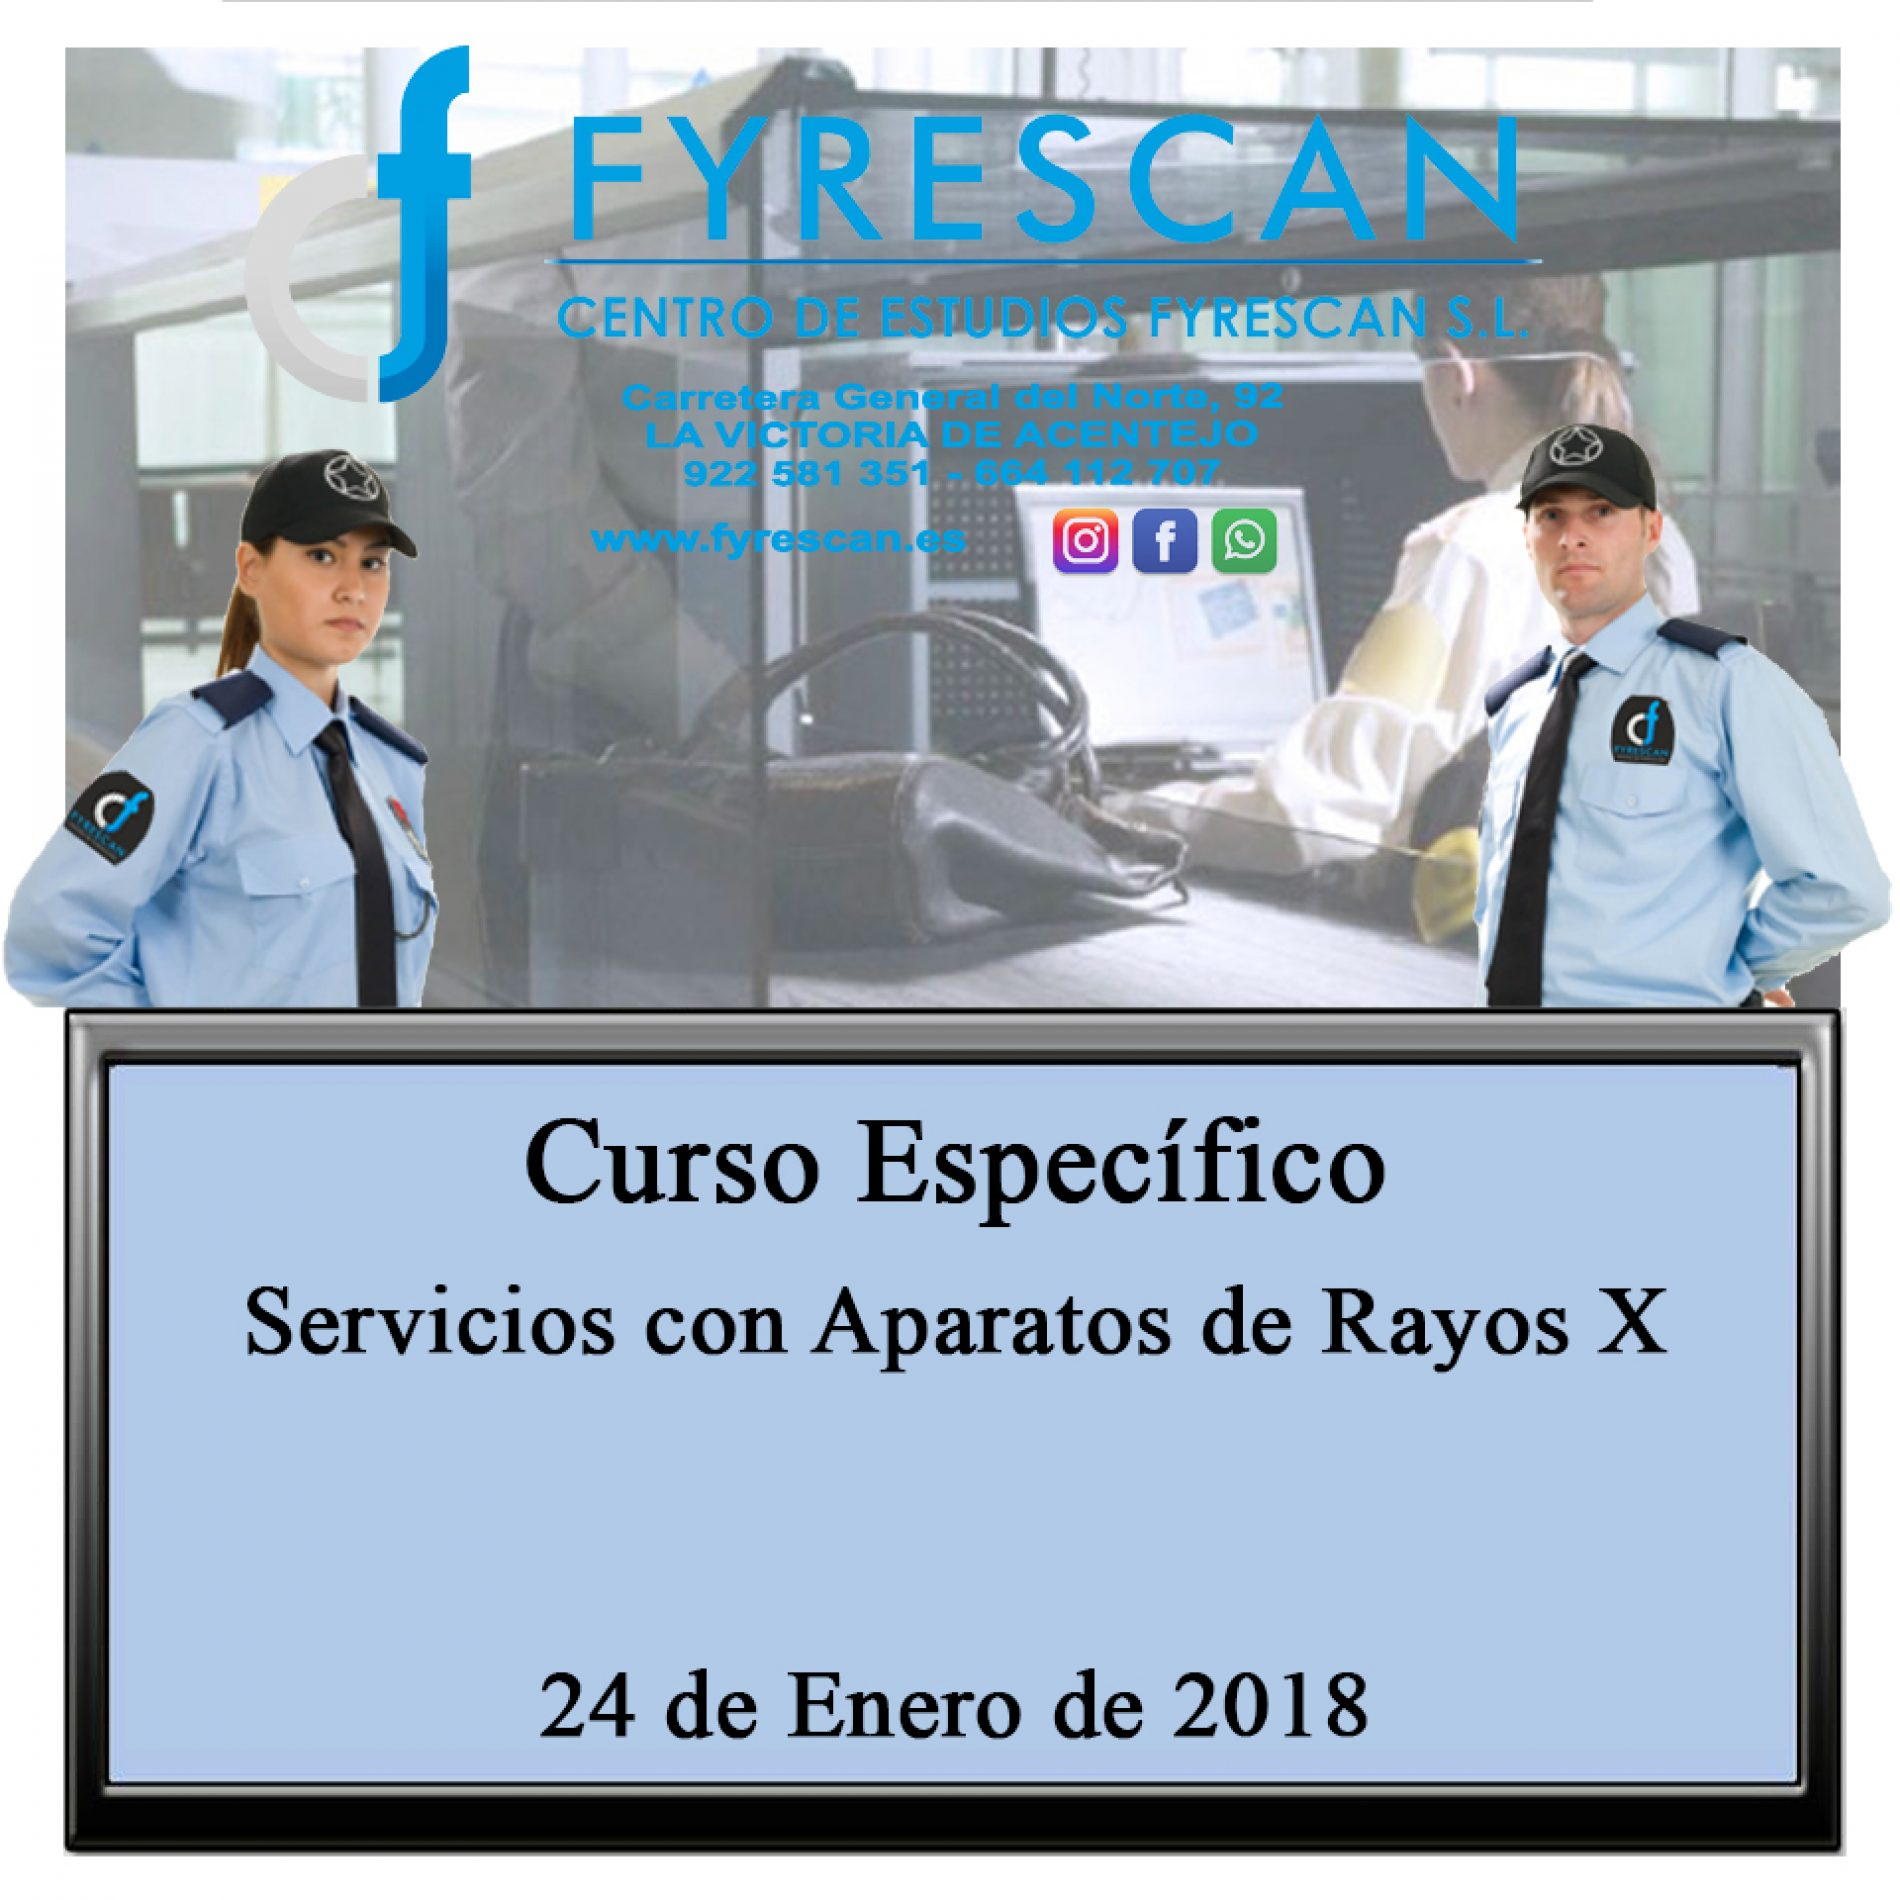 Curso Específico de Aparatos de Rayos X 24 de Enero de 2018